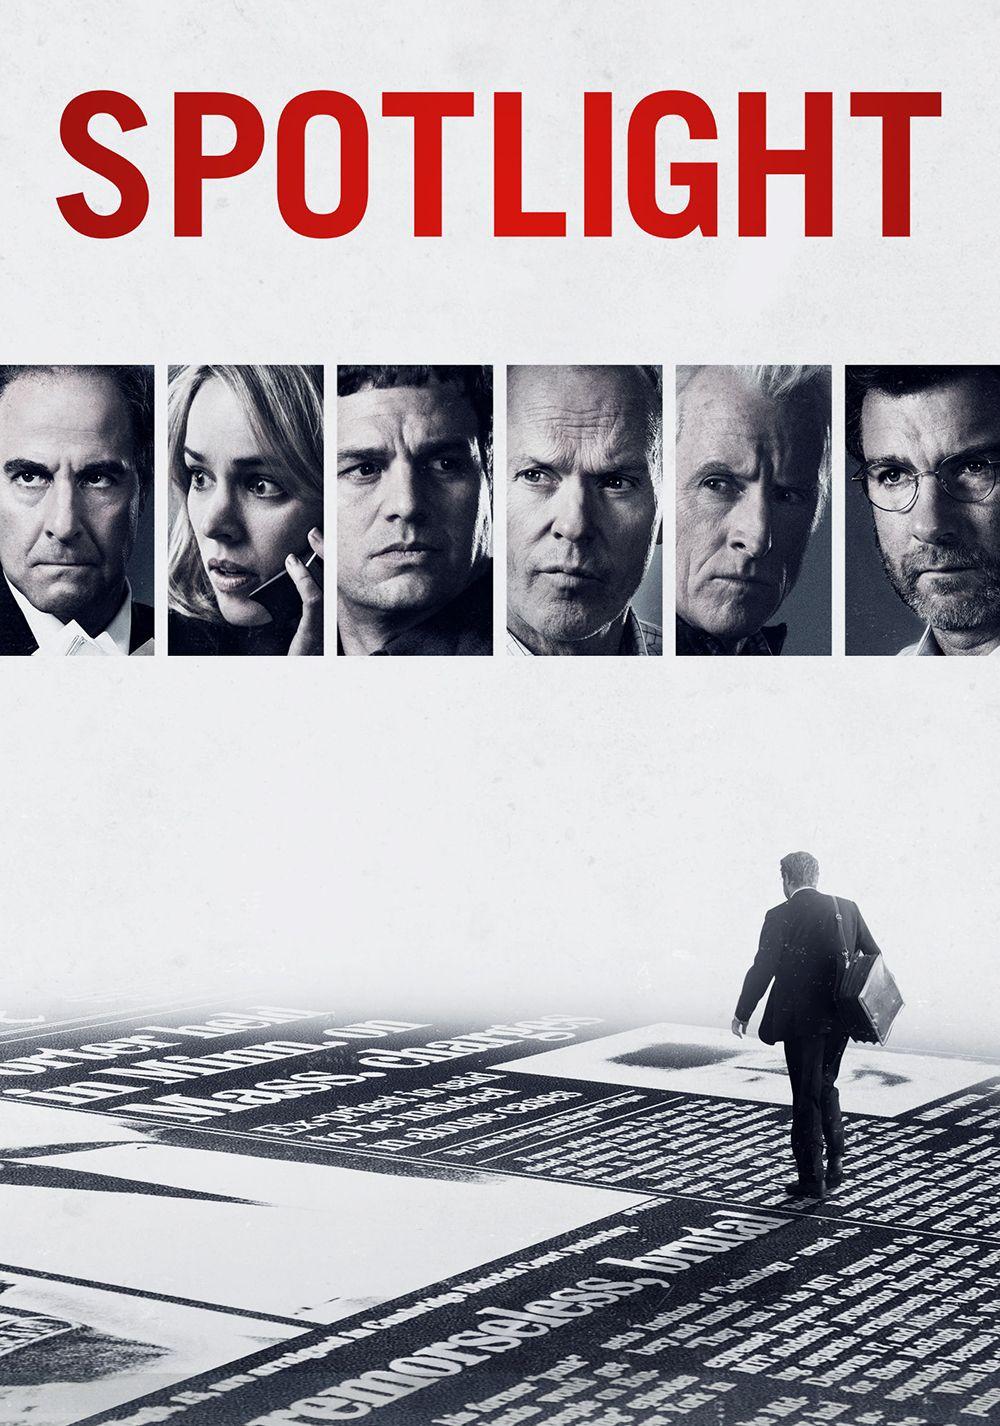 #EnPrimeraPlana muestra el papel crucial de la prensa en la exposición de la verdad.  #Oscars #Spotlight